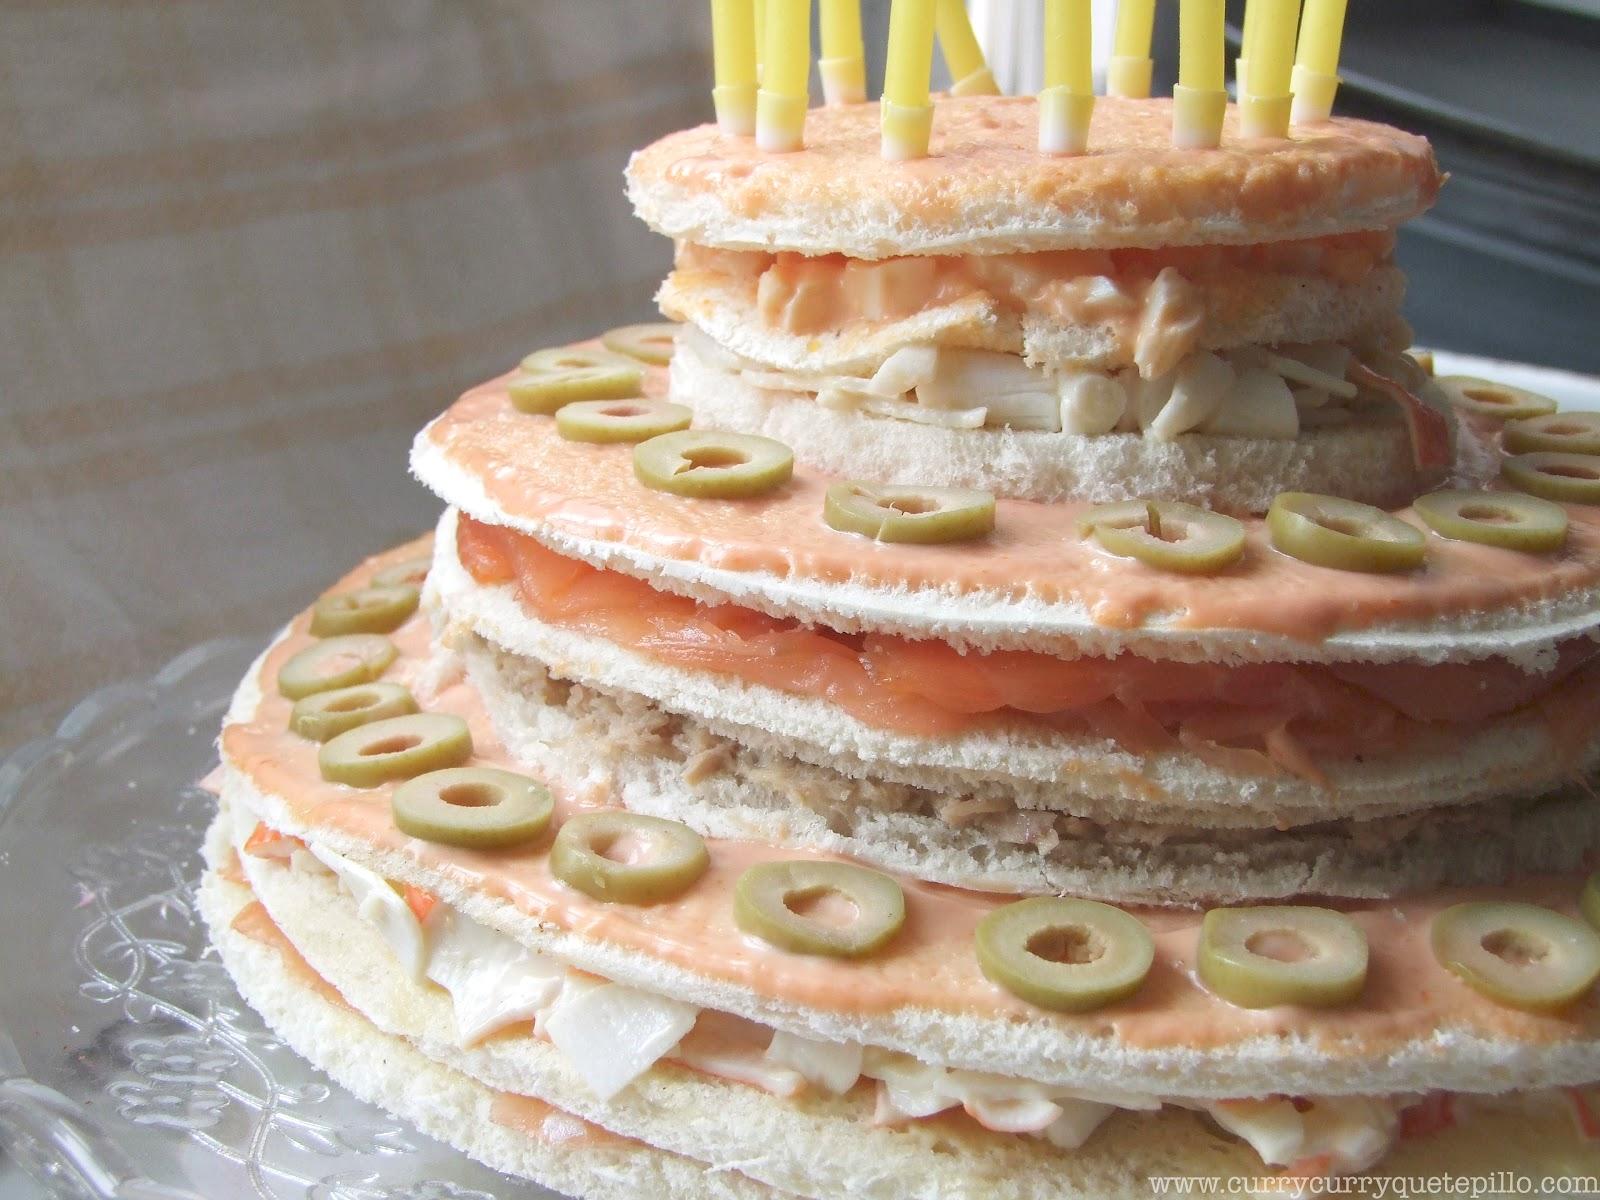 Las capas del pastel